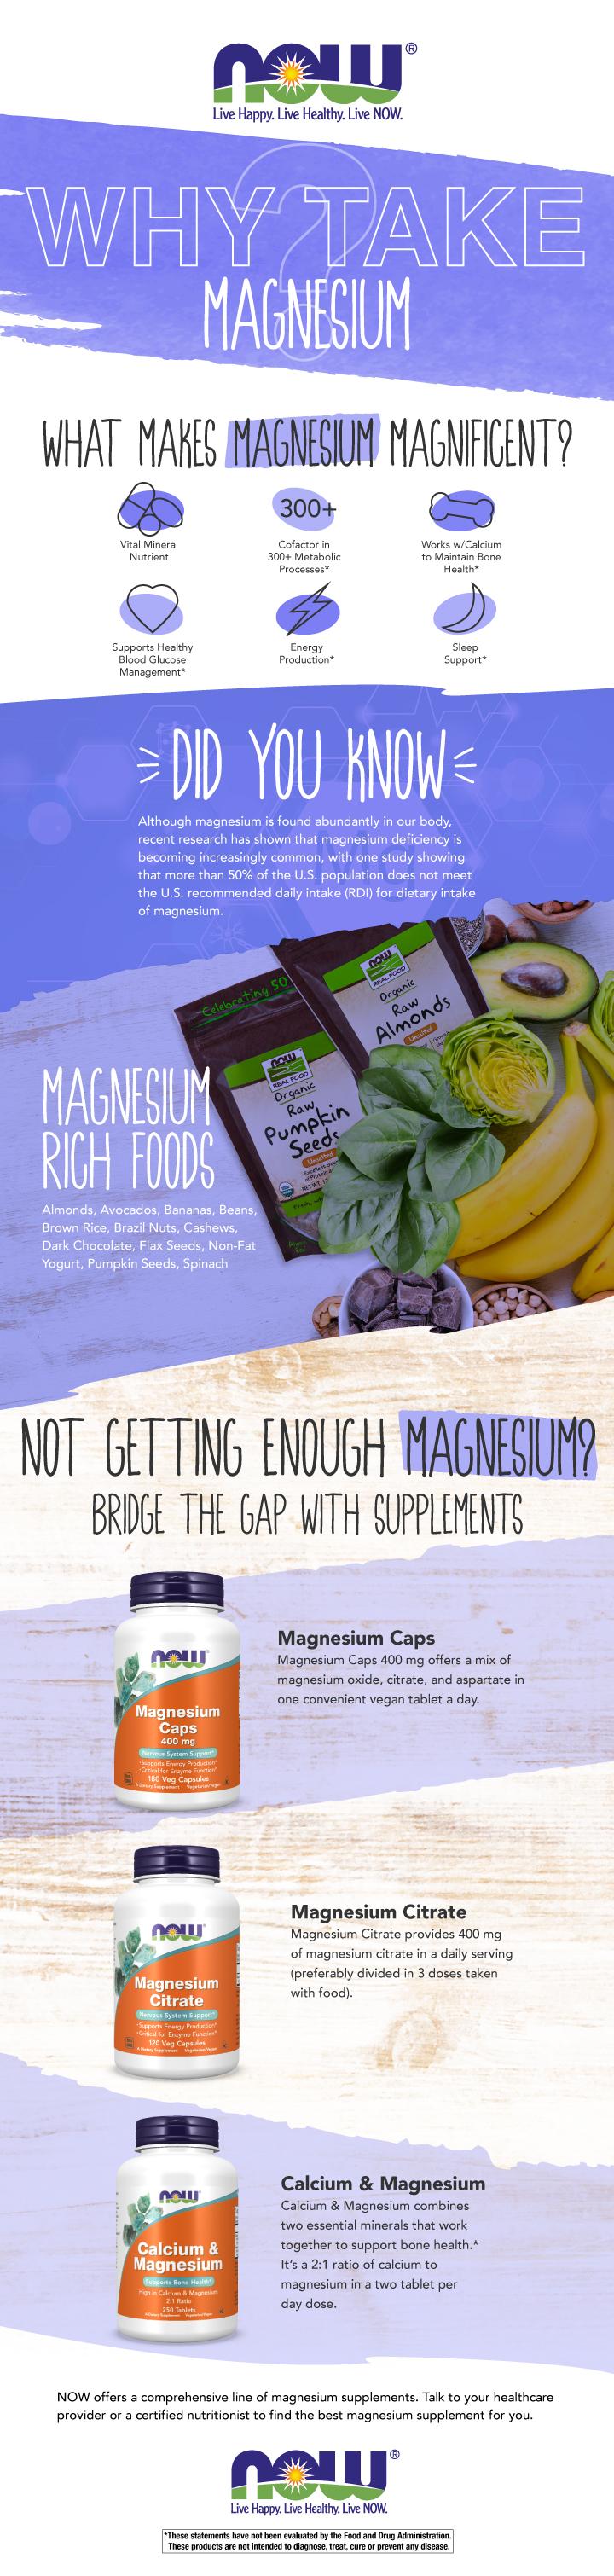 magnesium infographic inline